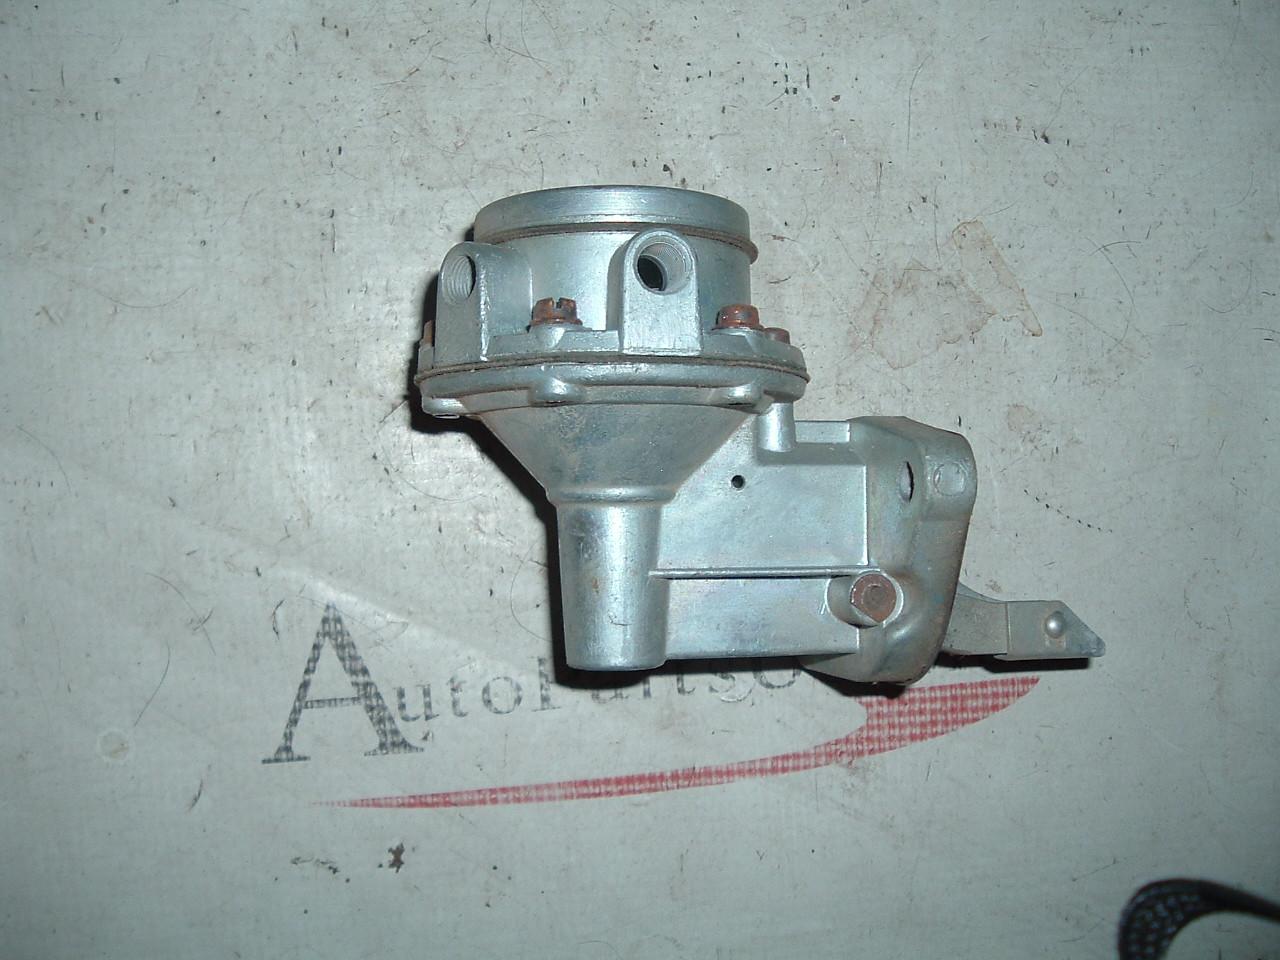 1957 1958 dodge truck fuel pump rebuilt # 4453 (z 4453)